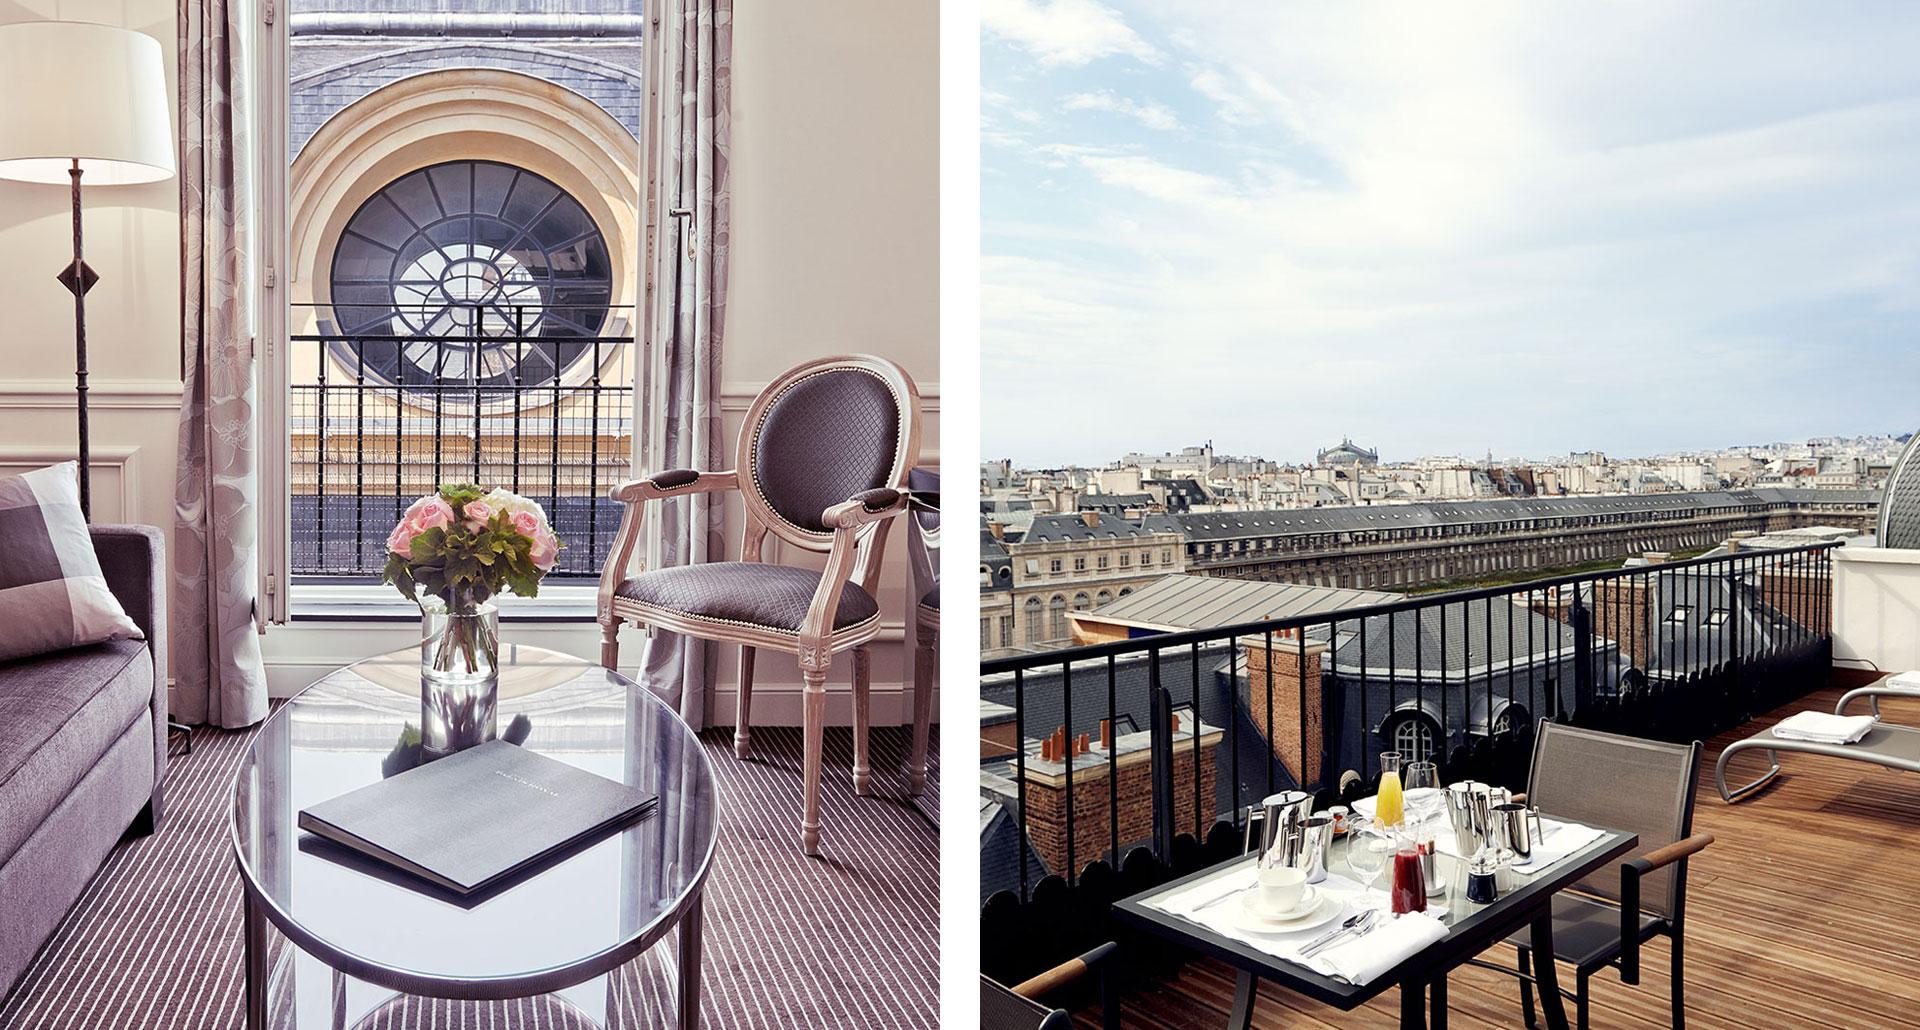 Grand Hôtel du Palais Royal Paris - boutique hotel in Paris